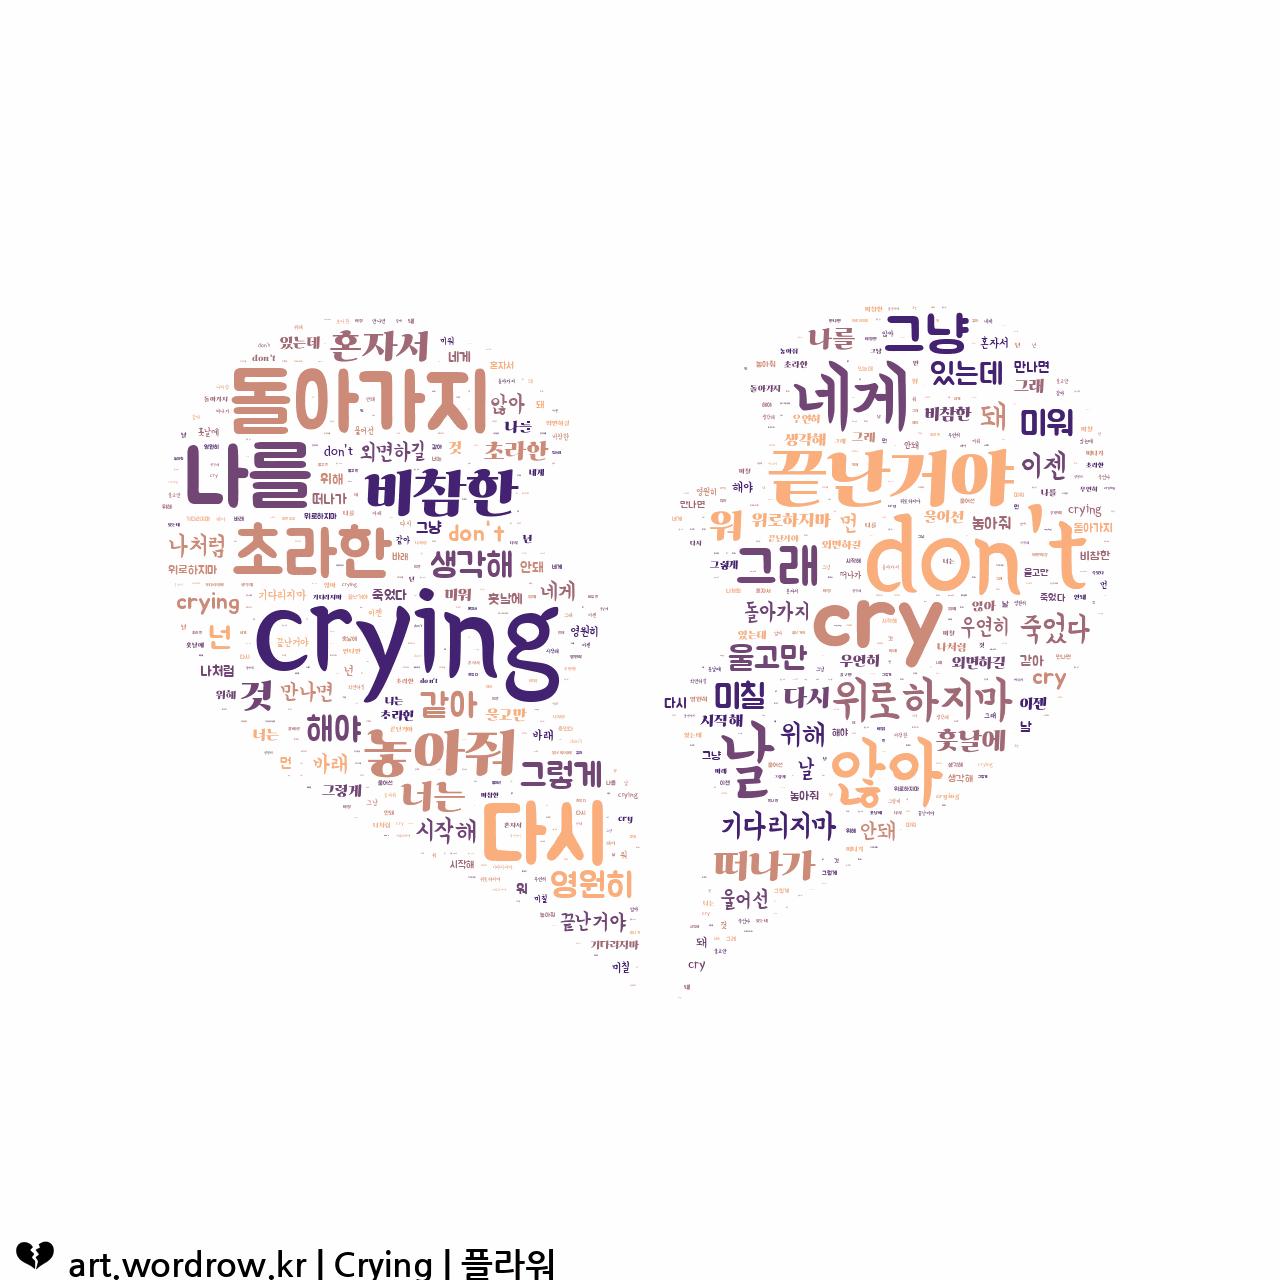 워드 클라우드: Crying [플라워]-33